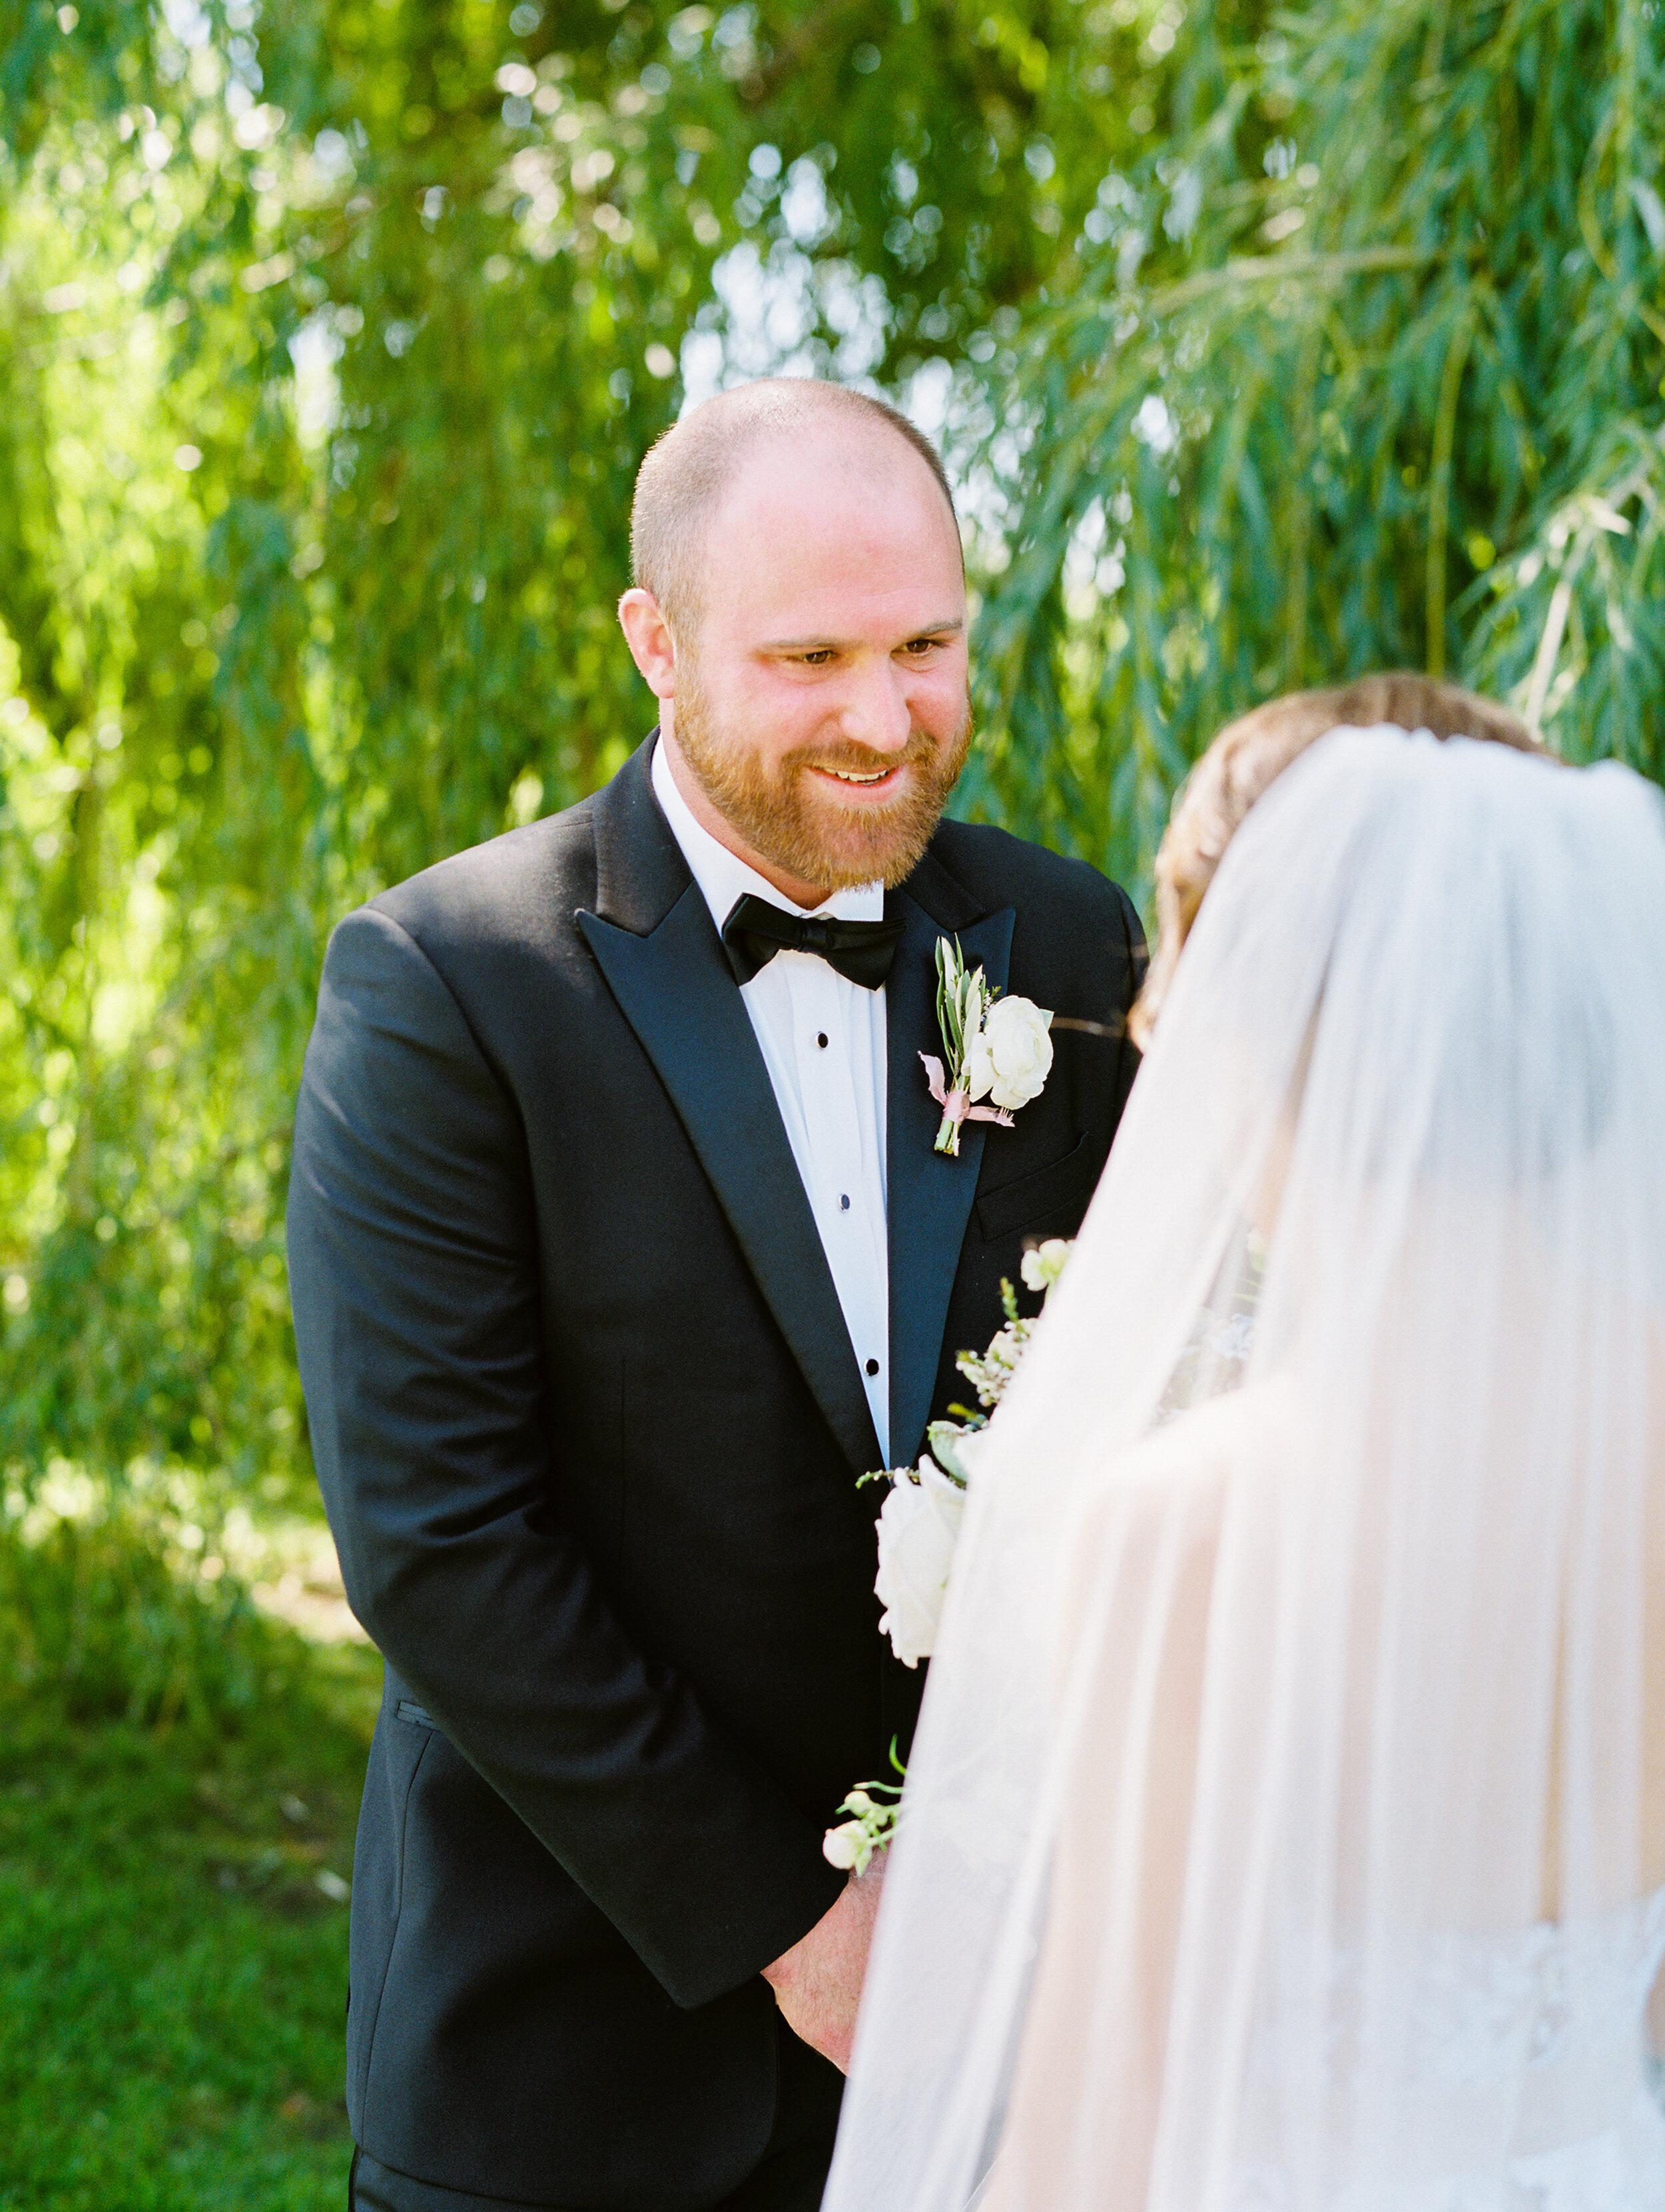 Steinlage+Wedding+First+Look-8.jpg